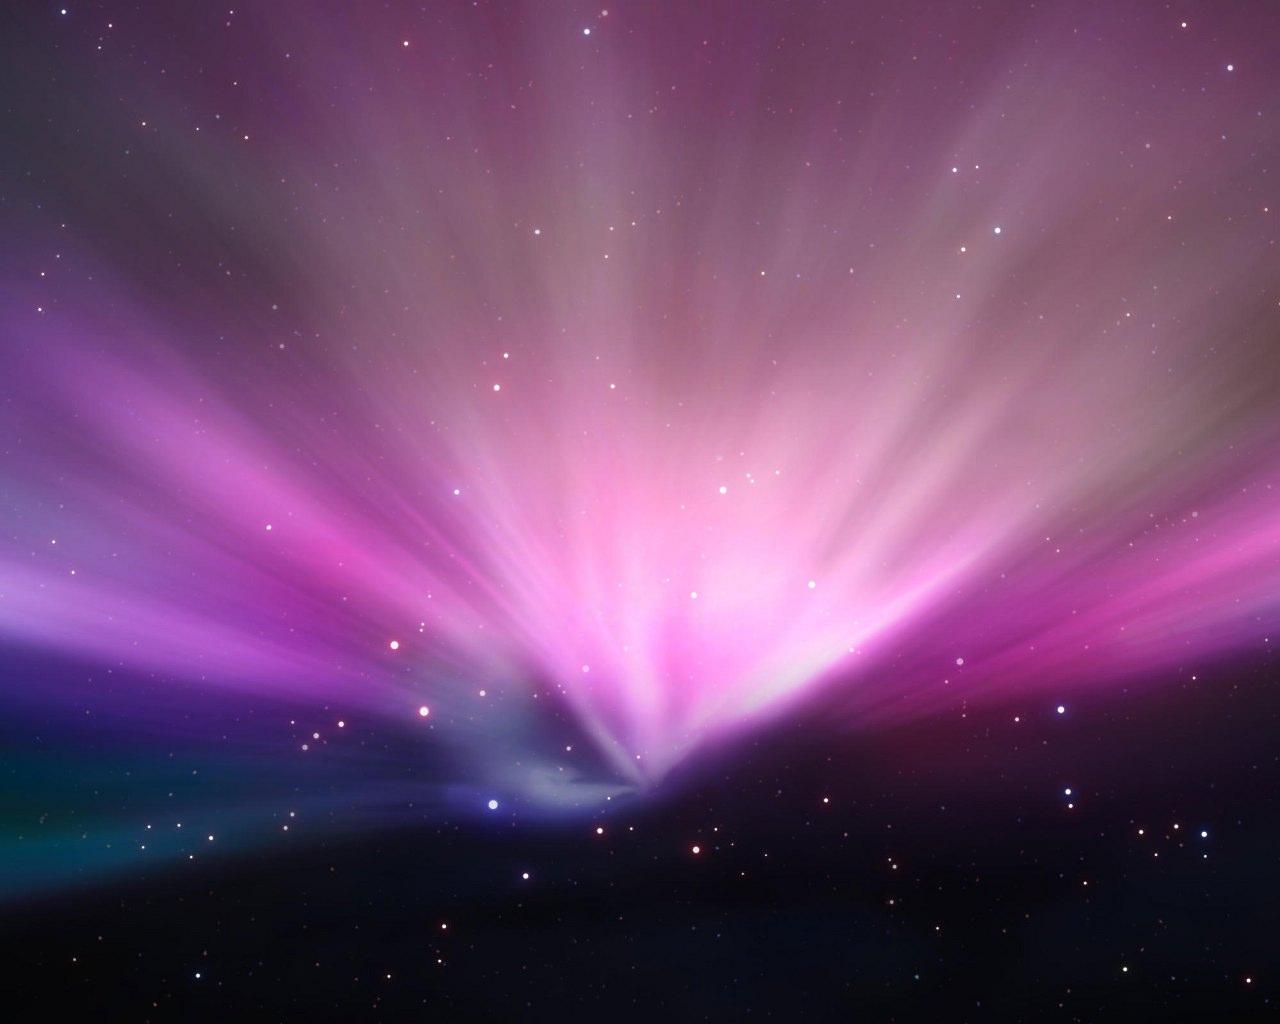 http://2.bp.blogspot.com/_2UbsSBz9ckE/TEHpJQi7mZI/AAAAAAAABRI/iOZB7qBsyrw/s1600/aurora+mac_1280x1024.jpg